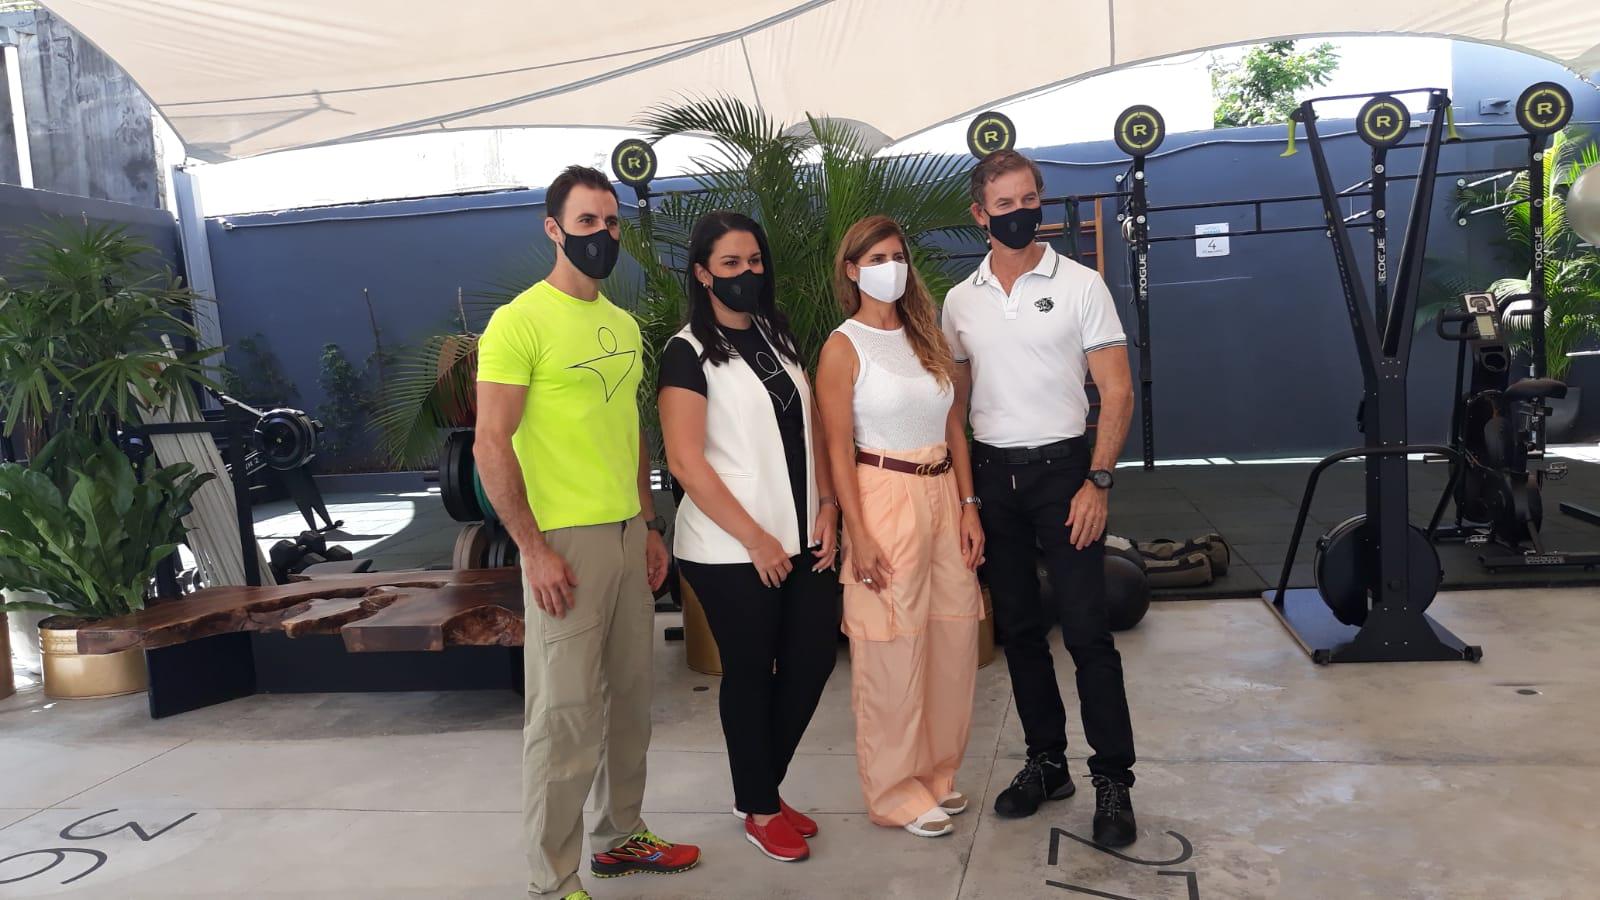 Video | Club Body Shop inaugura espacios al aire libre para el entrenamiento seguro